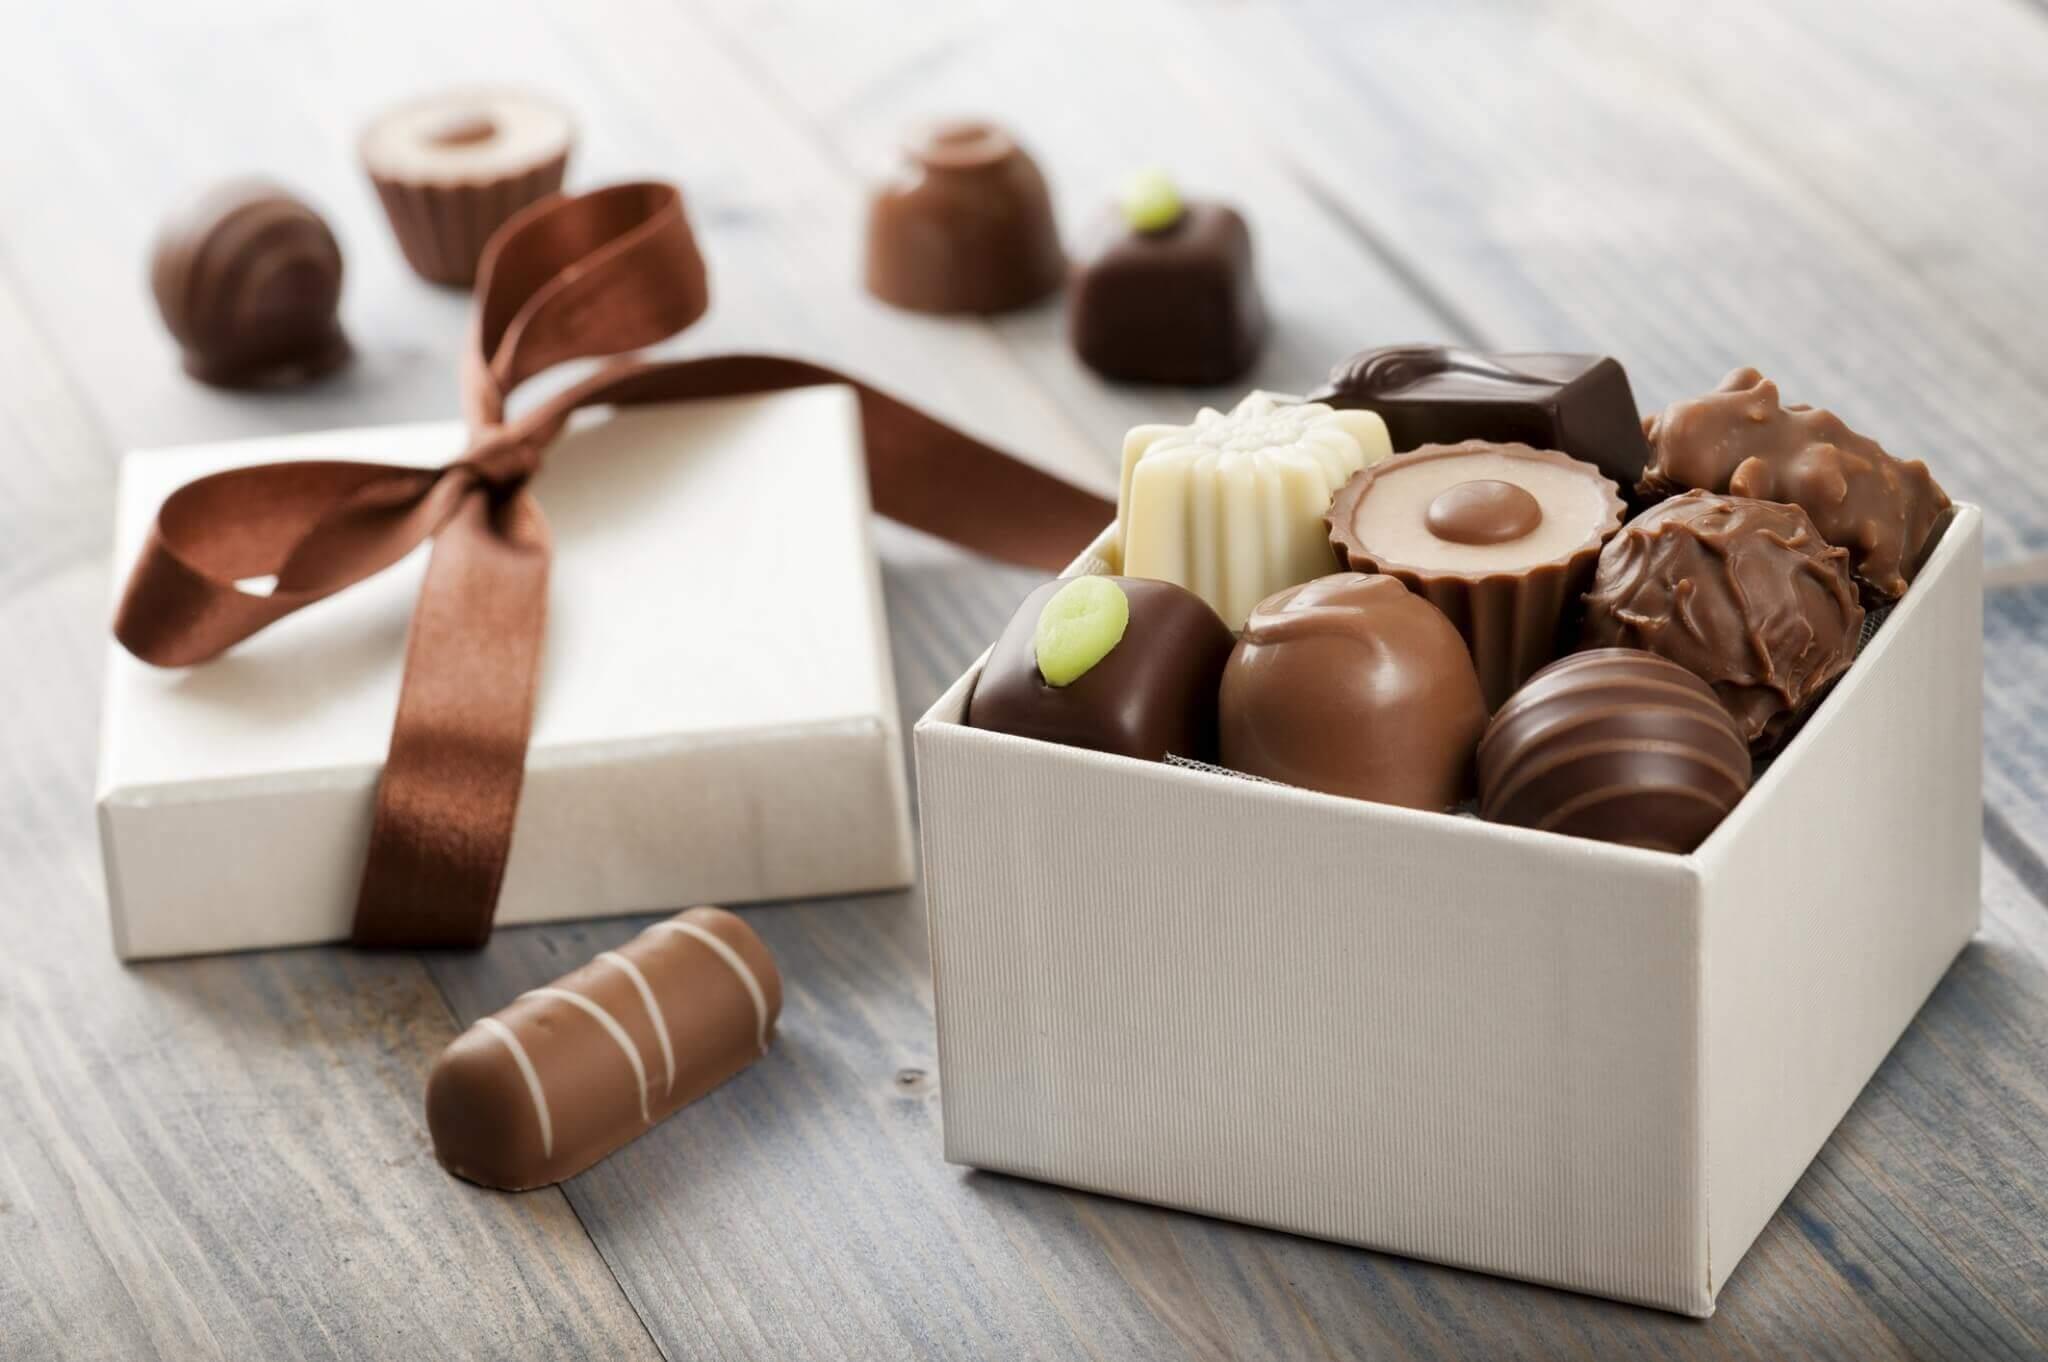 กล่องช็อกโกแลต